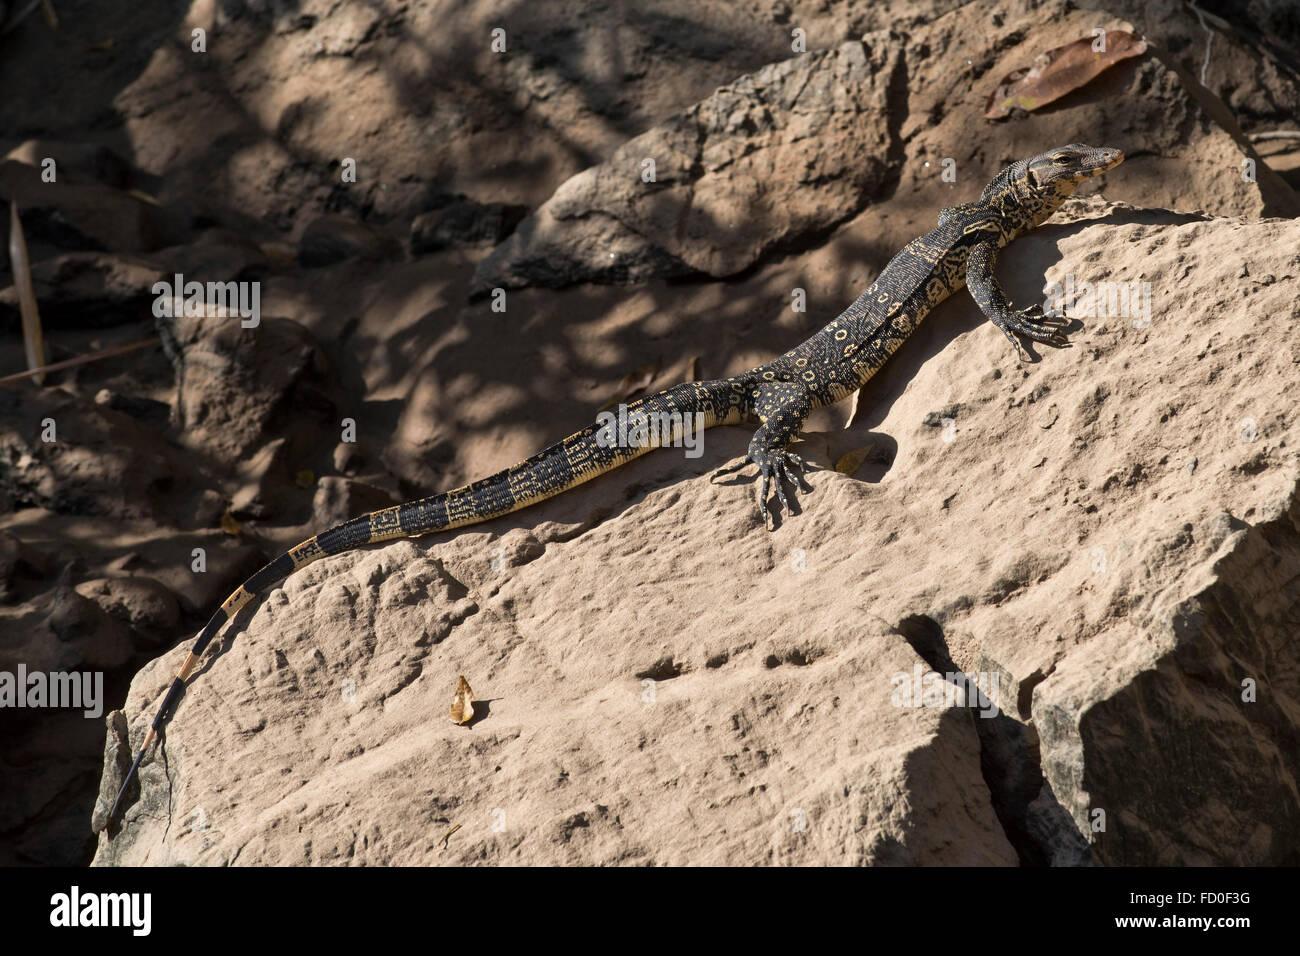 Joven asiático agua monitor, lagarto Varanus salvator, envuelto en una roca en la orilla del río Kwai Imagen De Stock